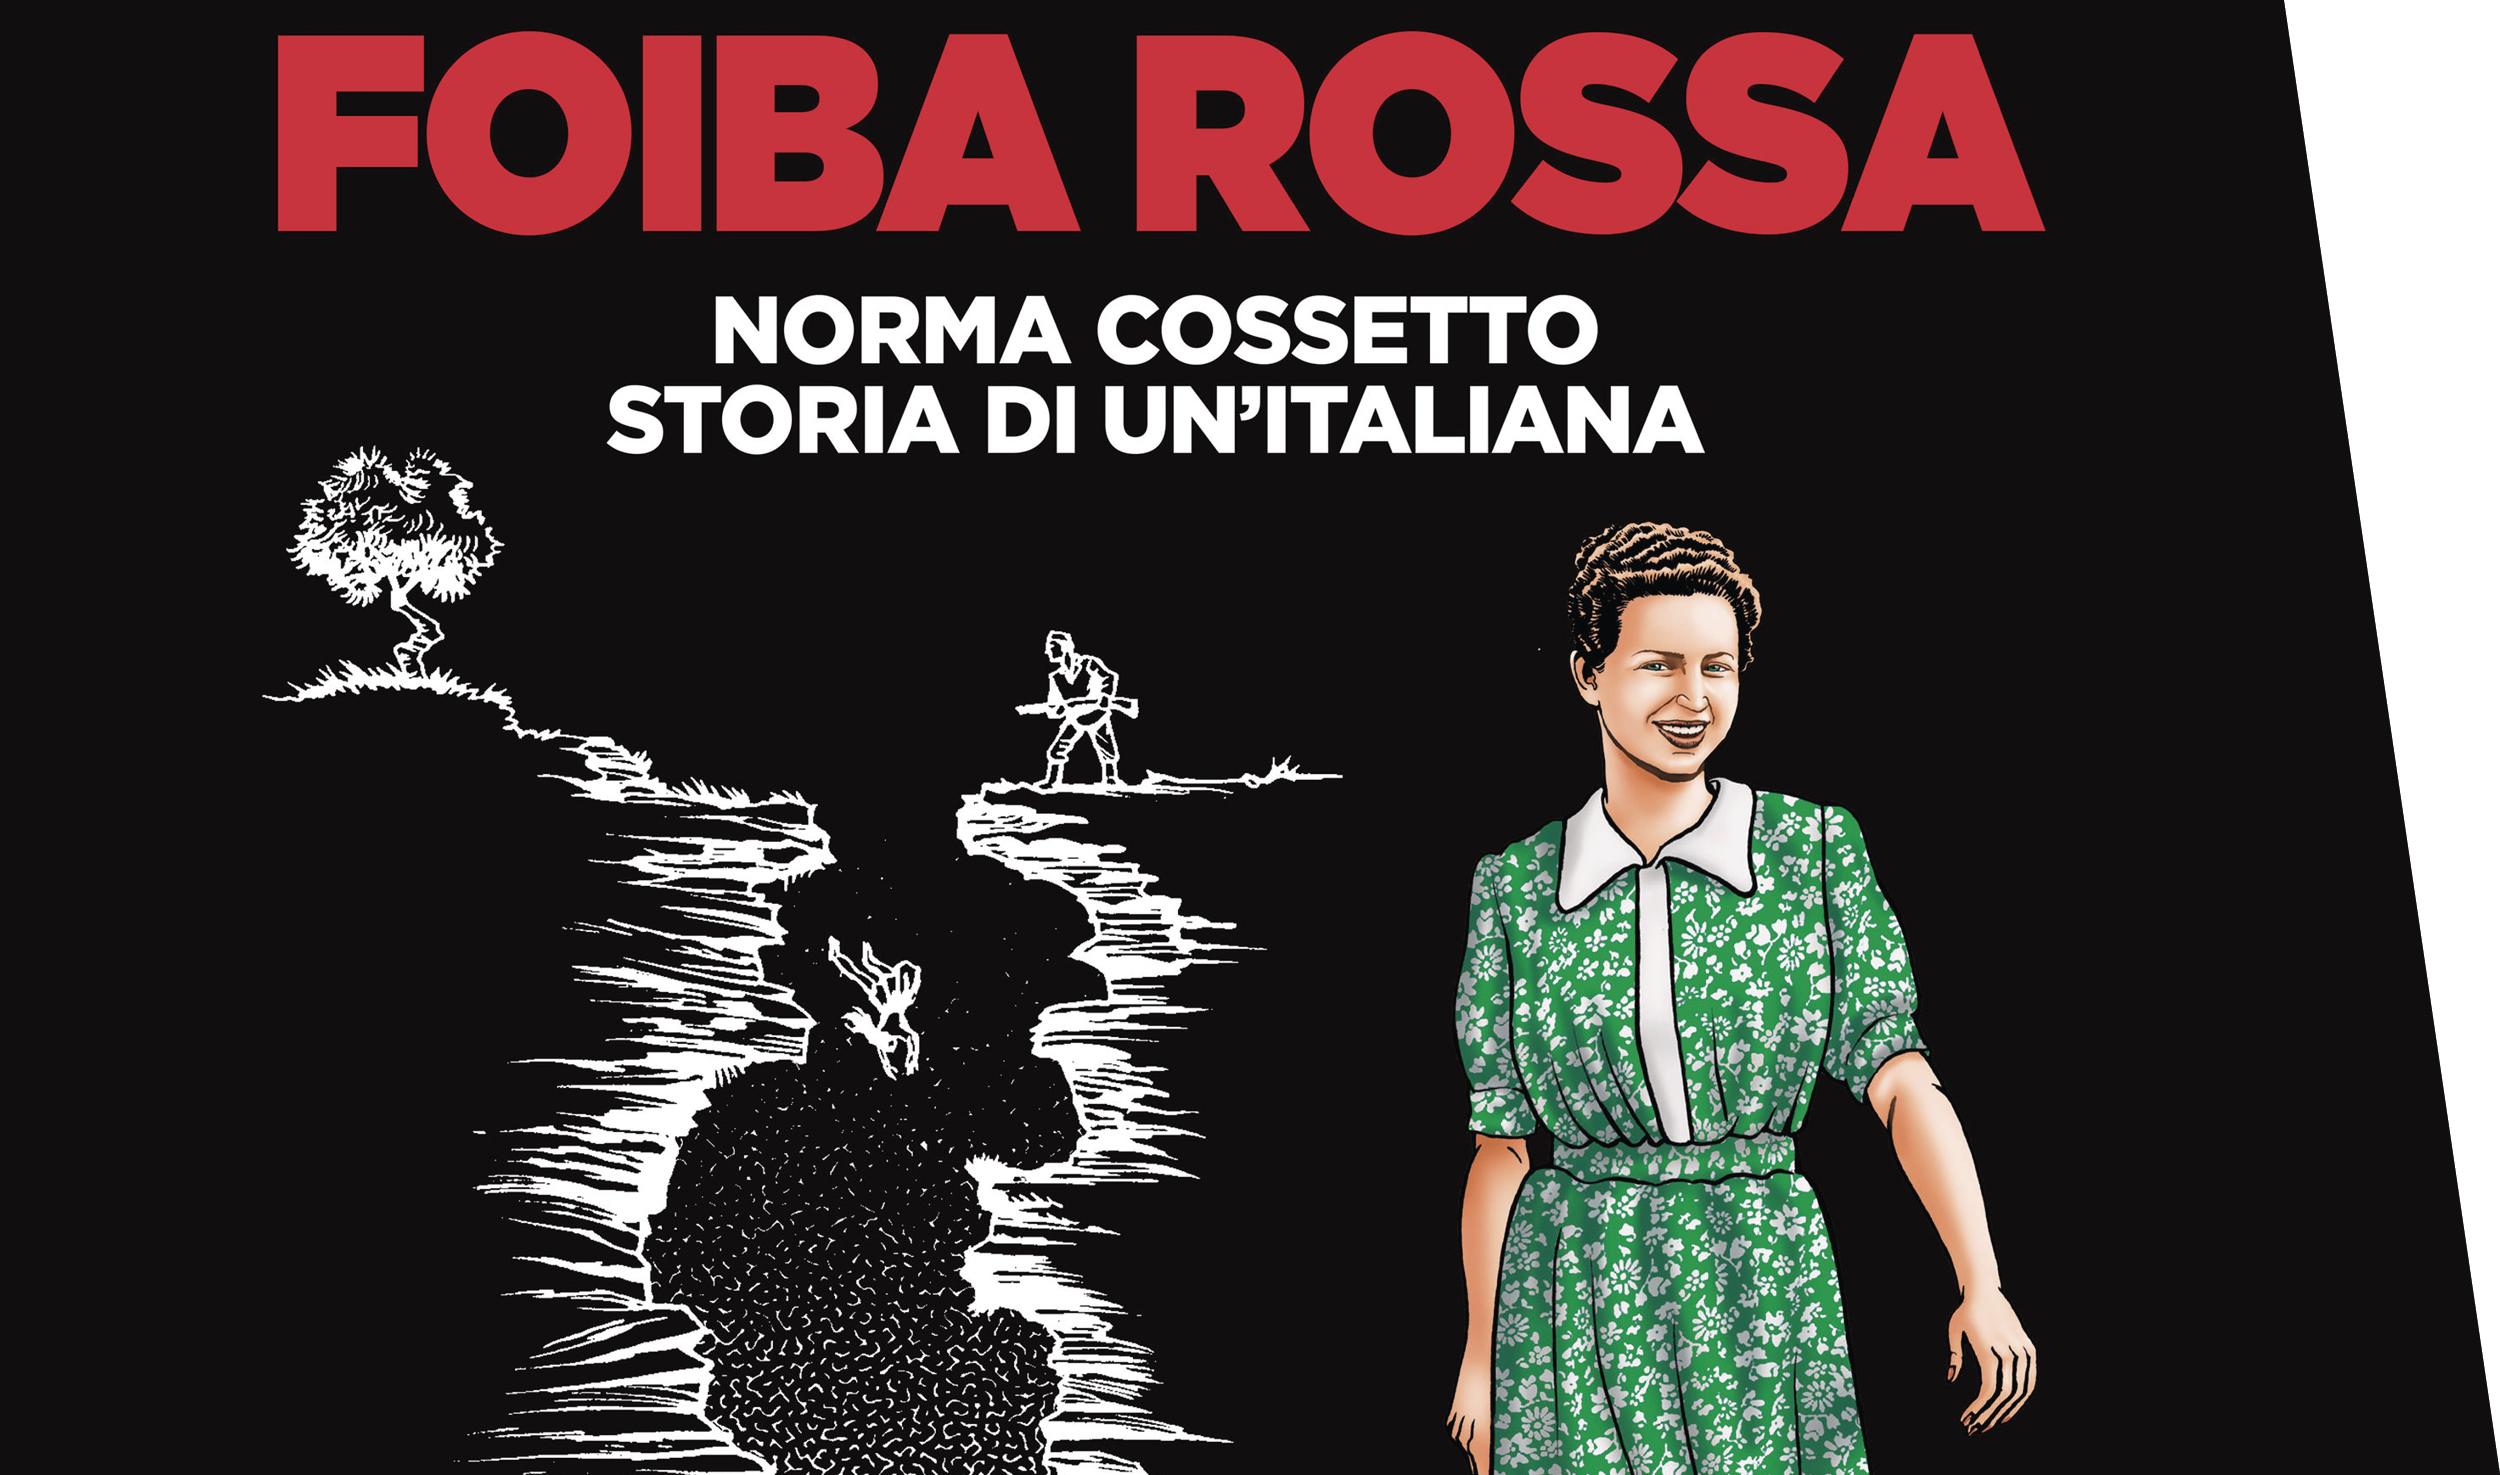 Pordenone e il ricordo - Norma Cossetto a fumetti